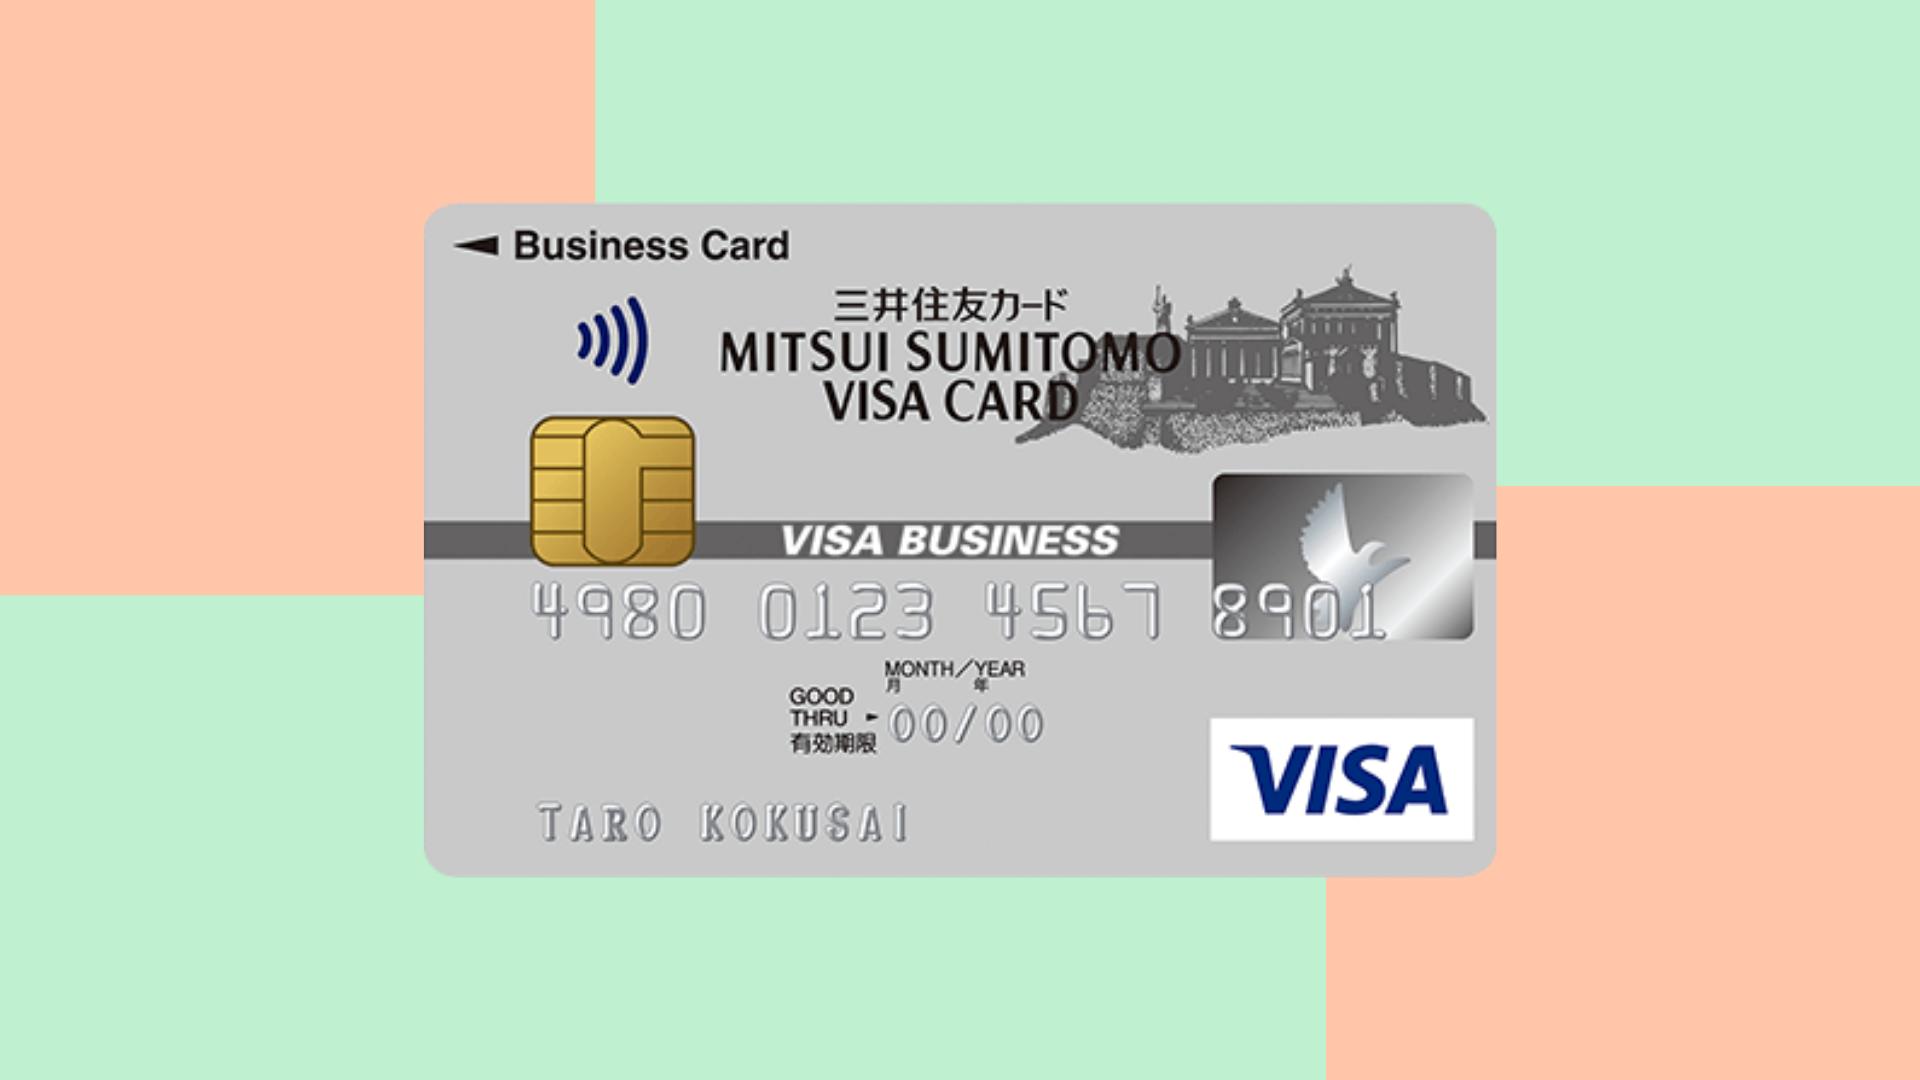 三井住友ビジネスカードクラシック(一般)カード